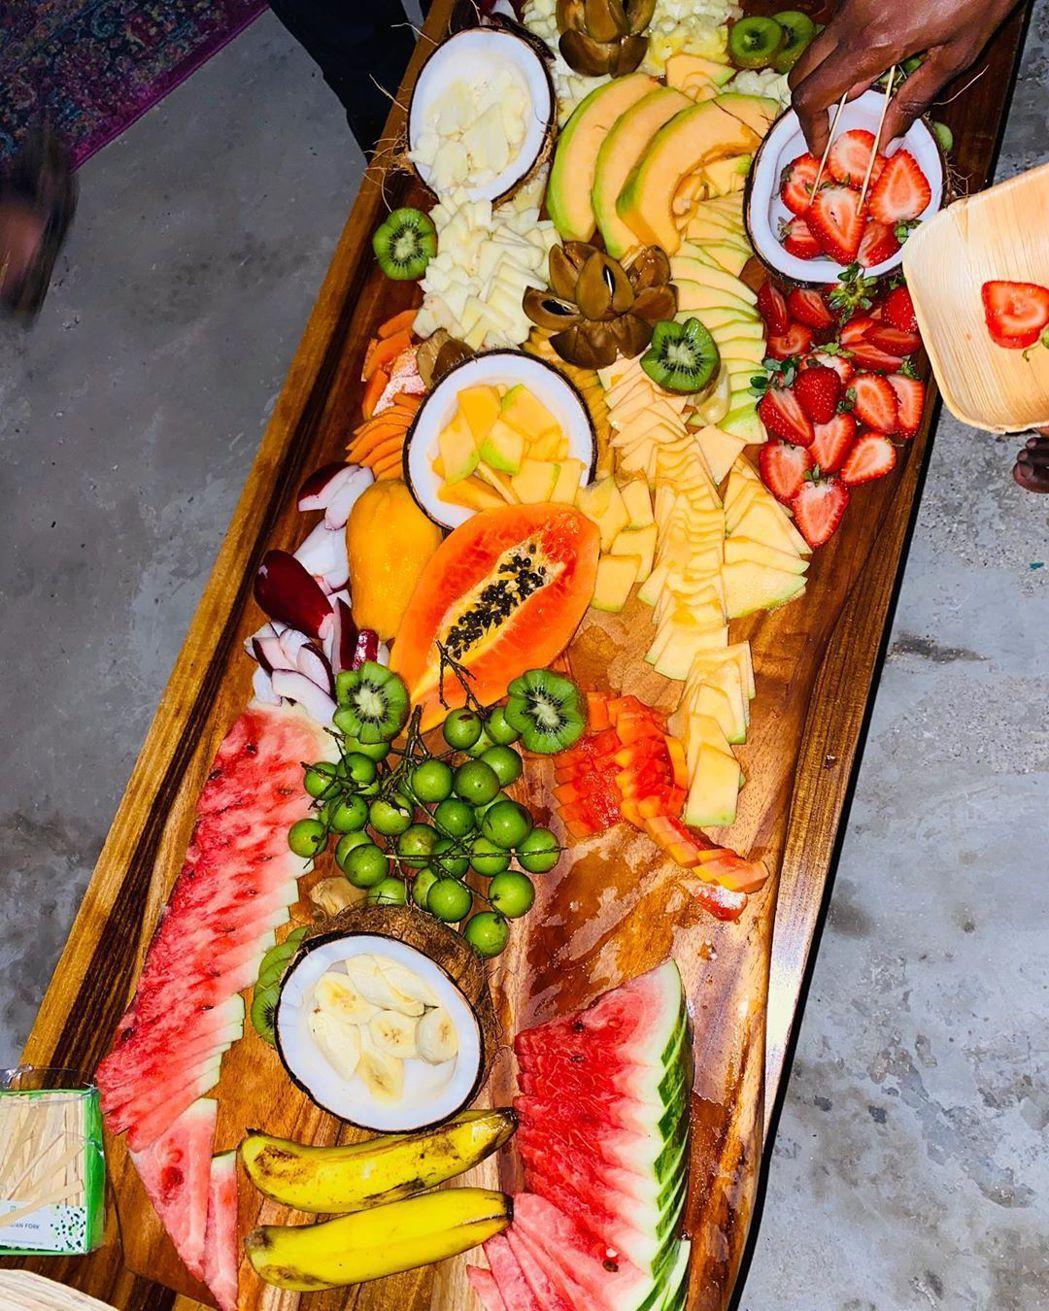 牙買加的新鮮水果自然在派對上不可或缺。圖/摘自Instagram